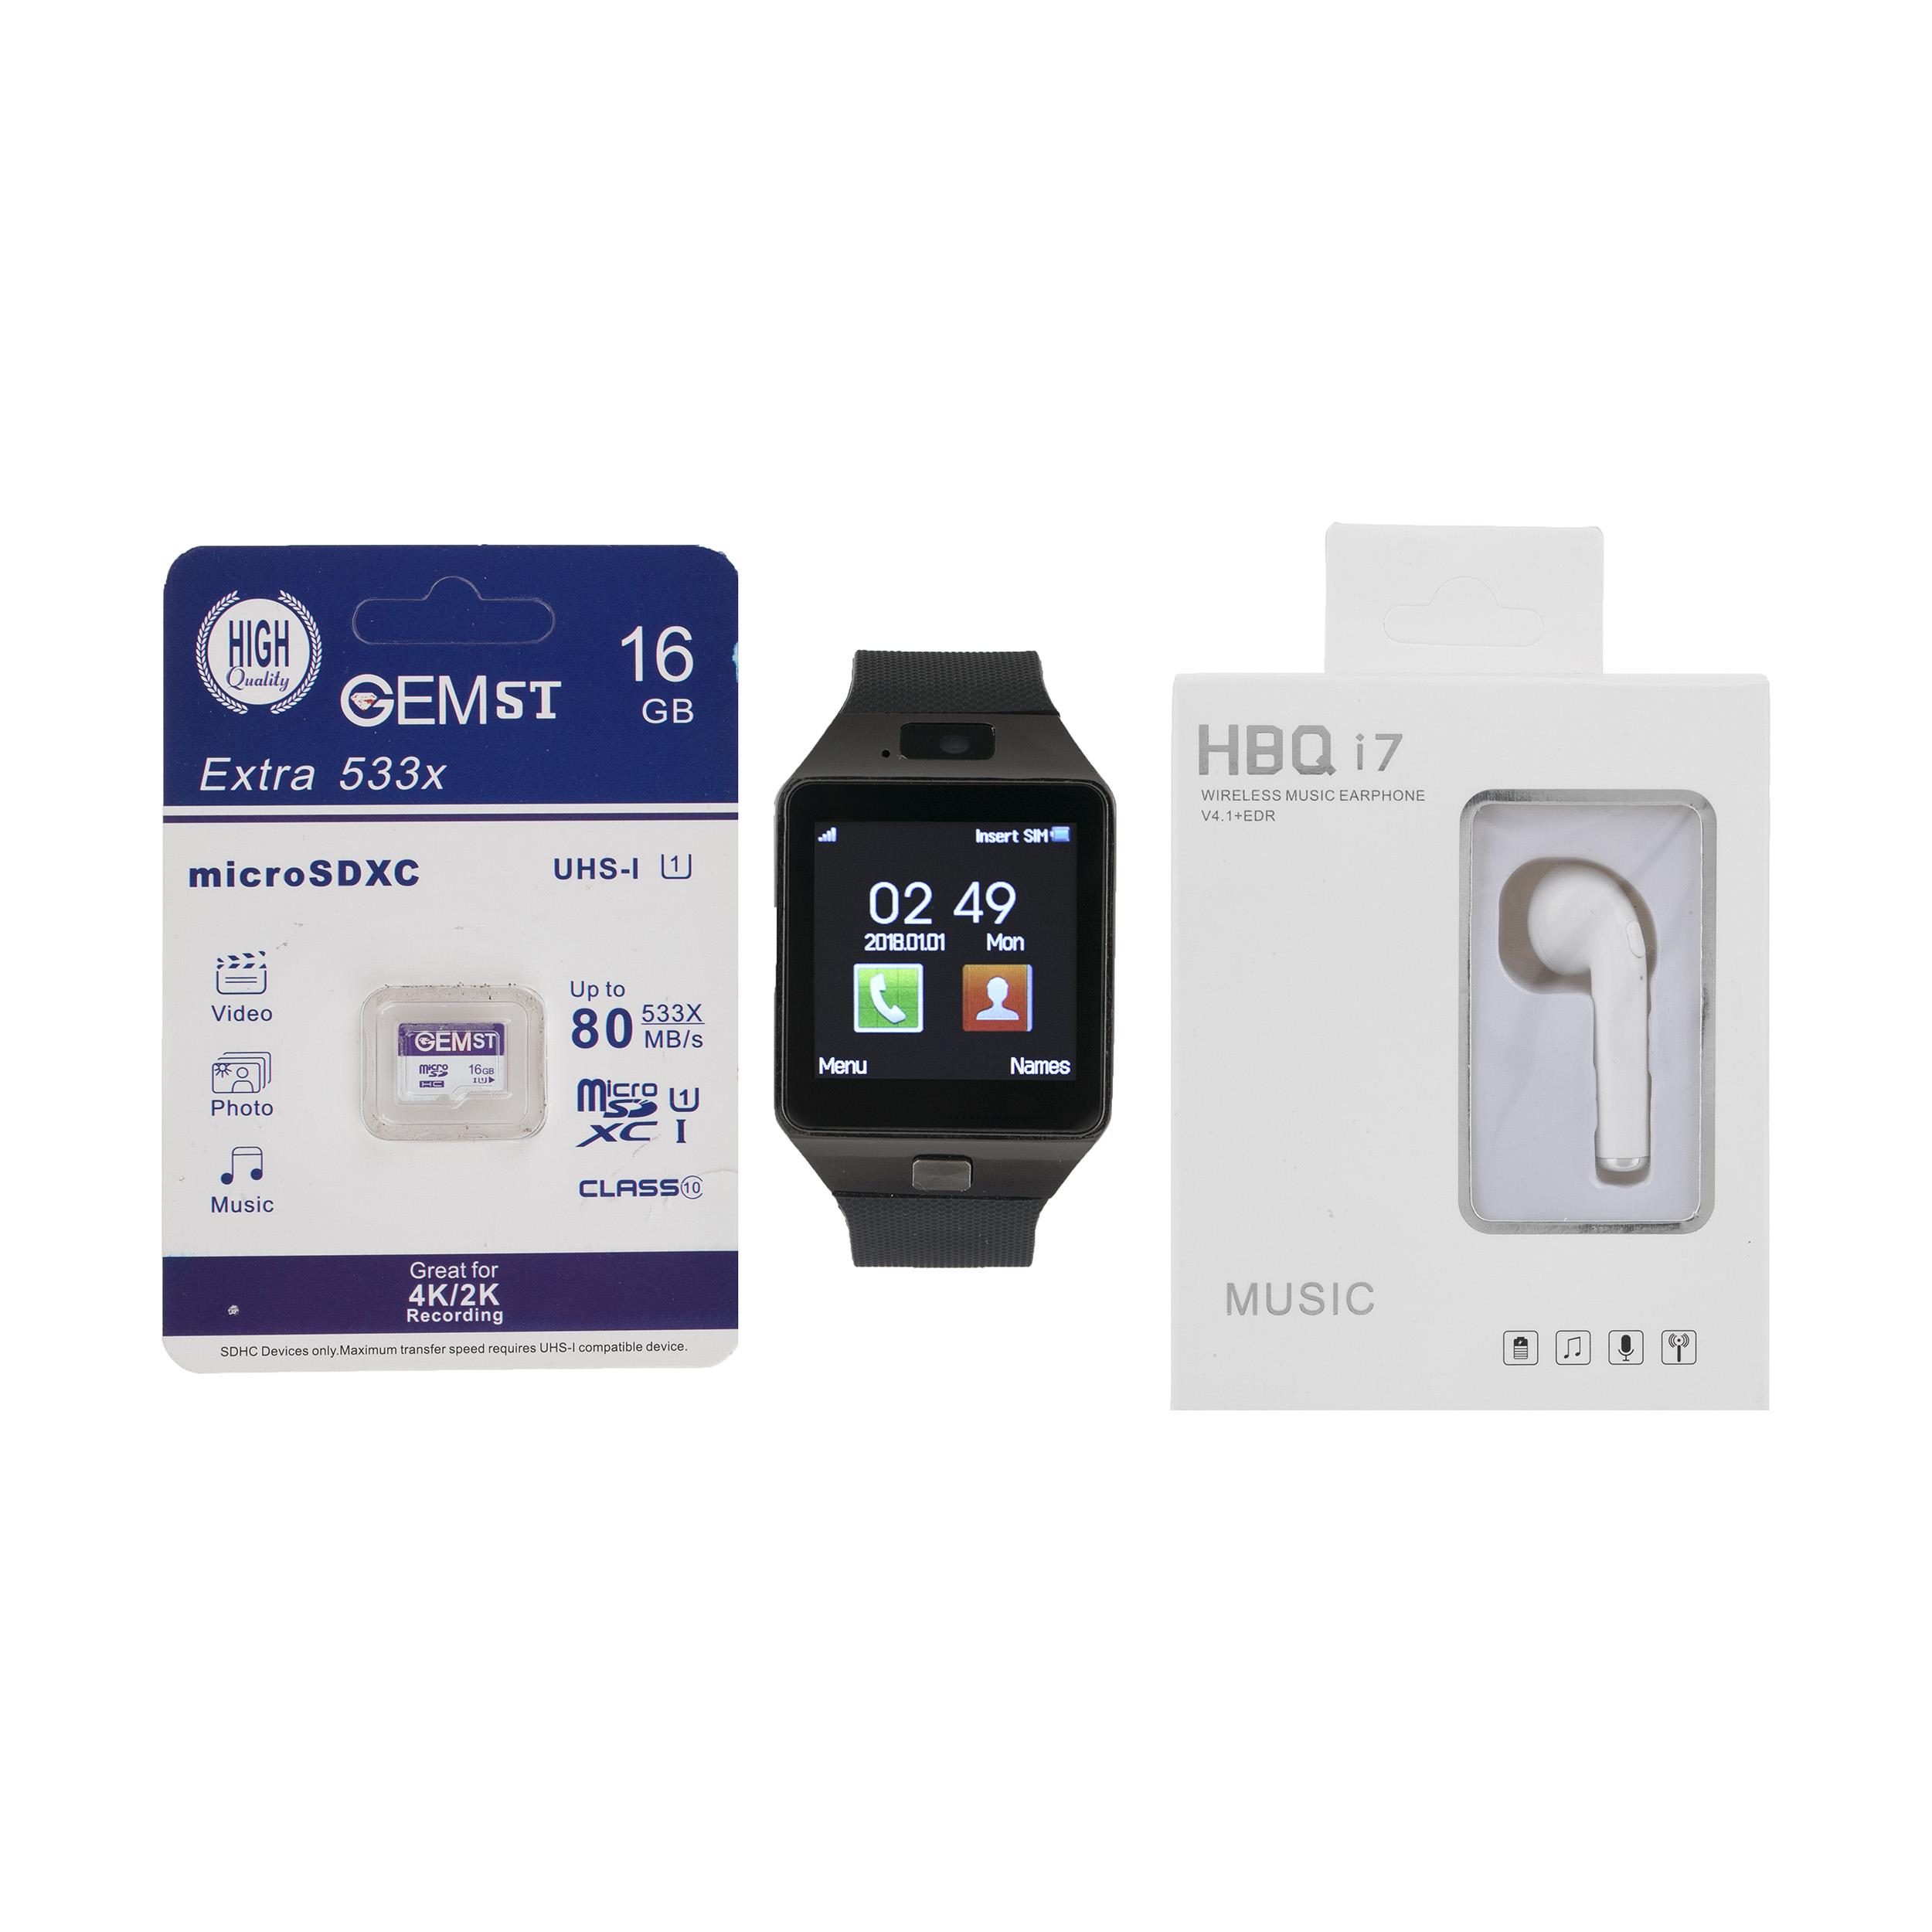 ساعت هوشمند اسمارت بیسون مدل SB-01 به همراه هندزفری اچ بی کیو مدل i7 و کارت حافظه 16 گیگابایتی